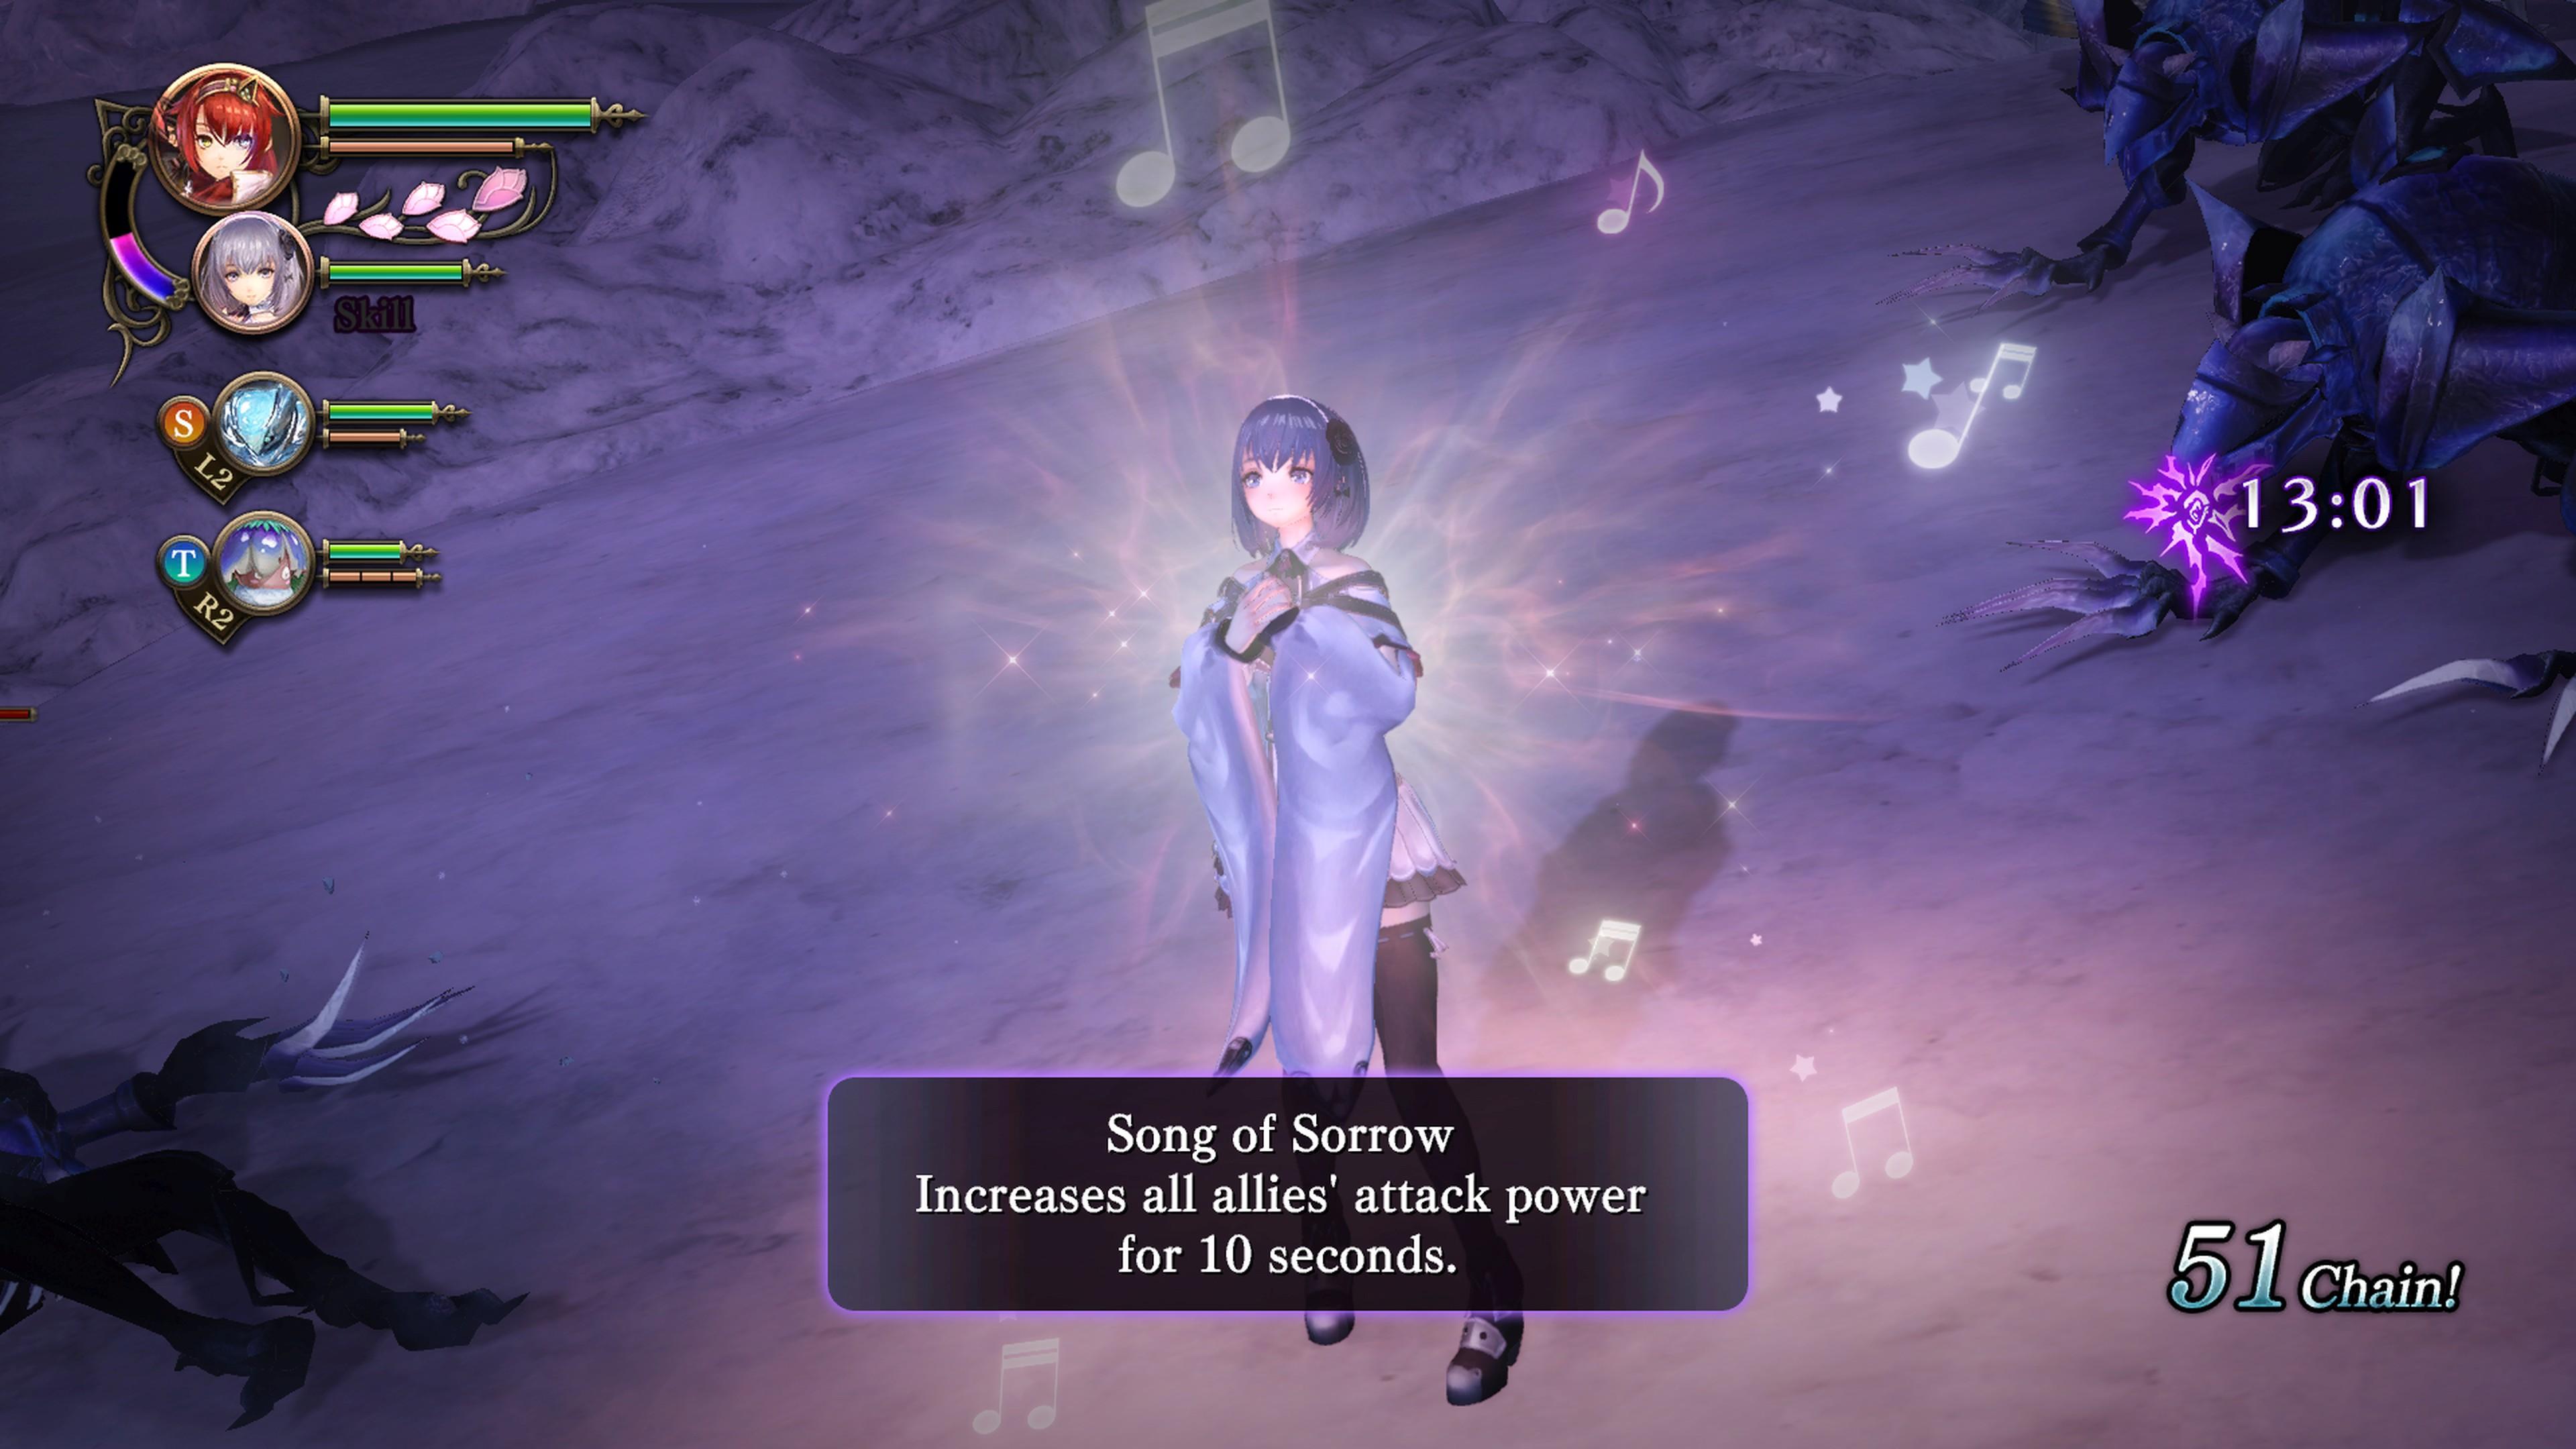 Detaily bojového sytému Nights of Azure 2 a bonusy po vydání 149818